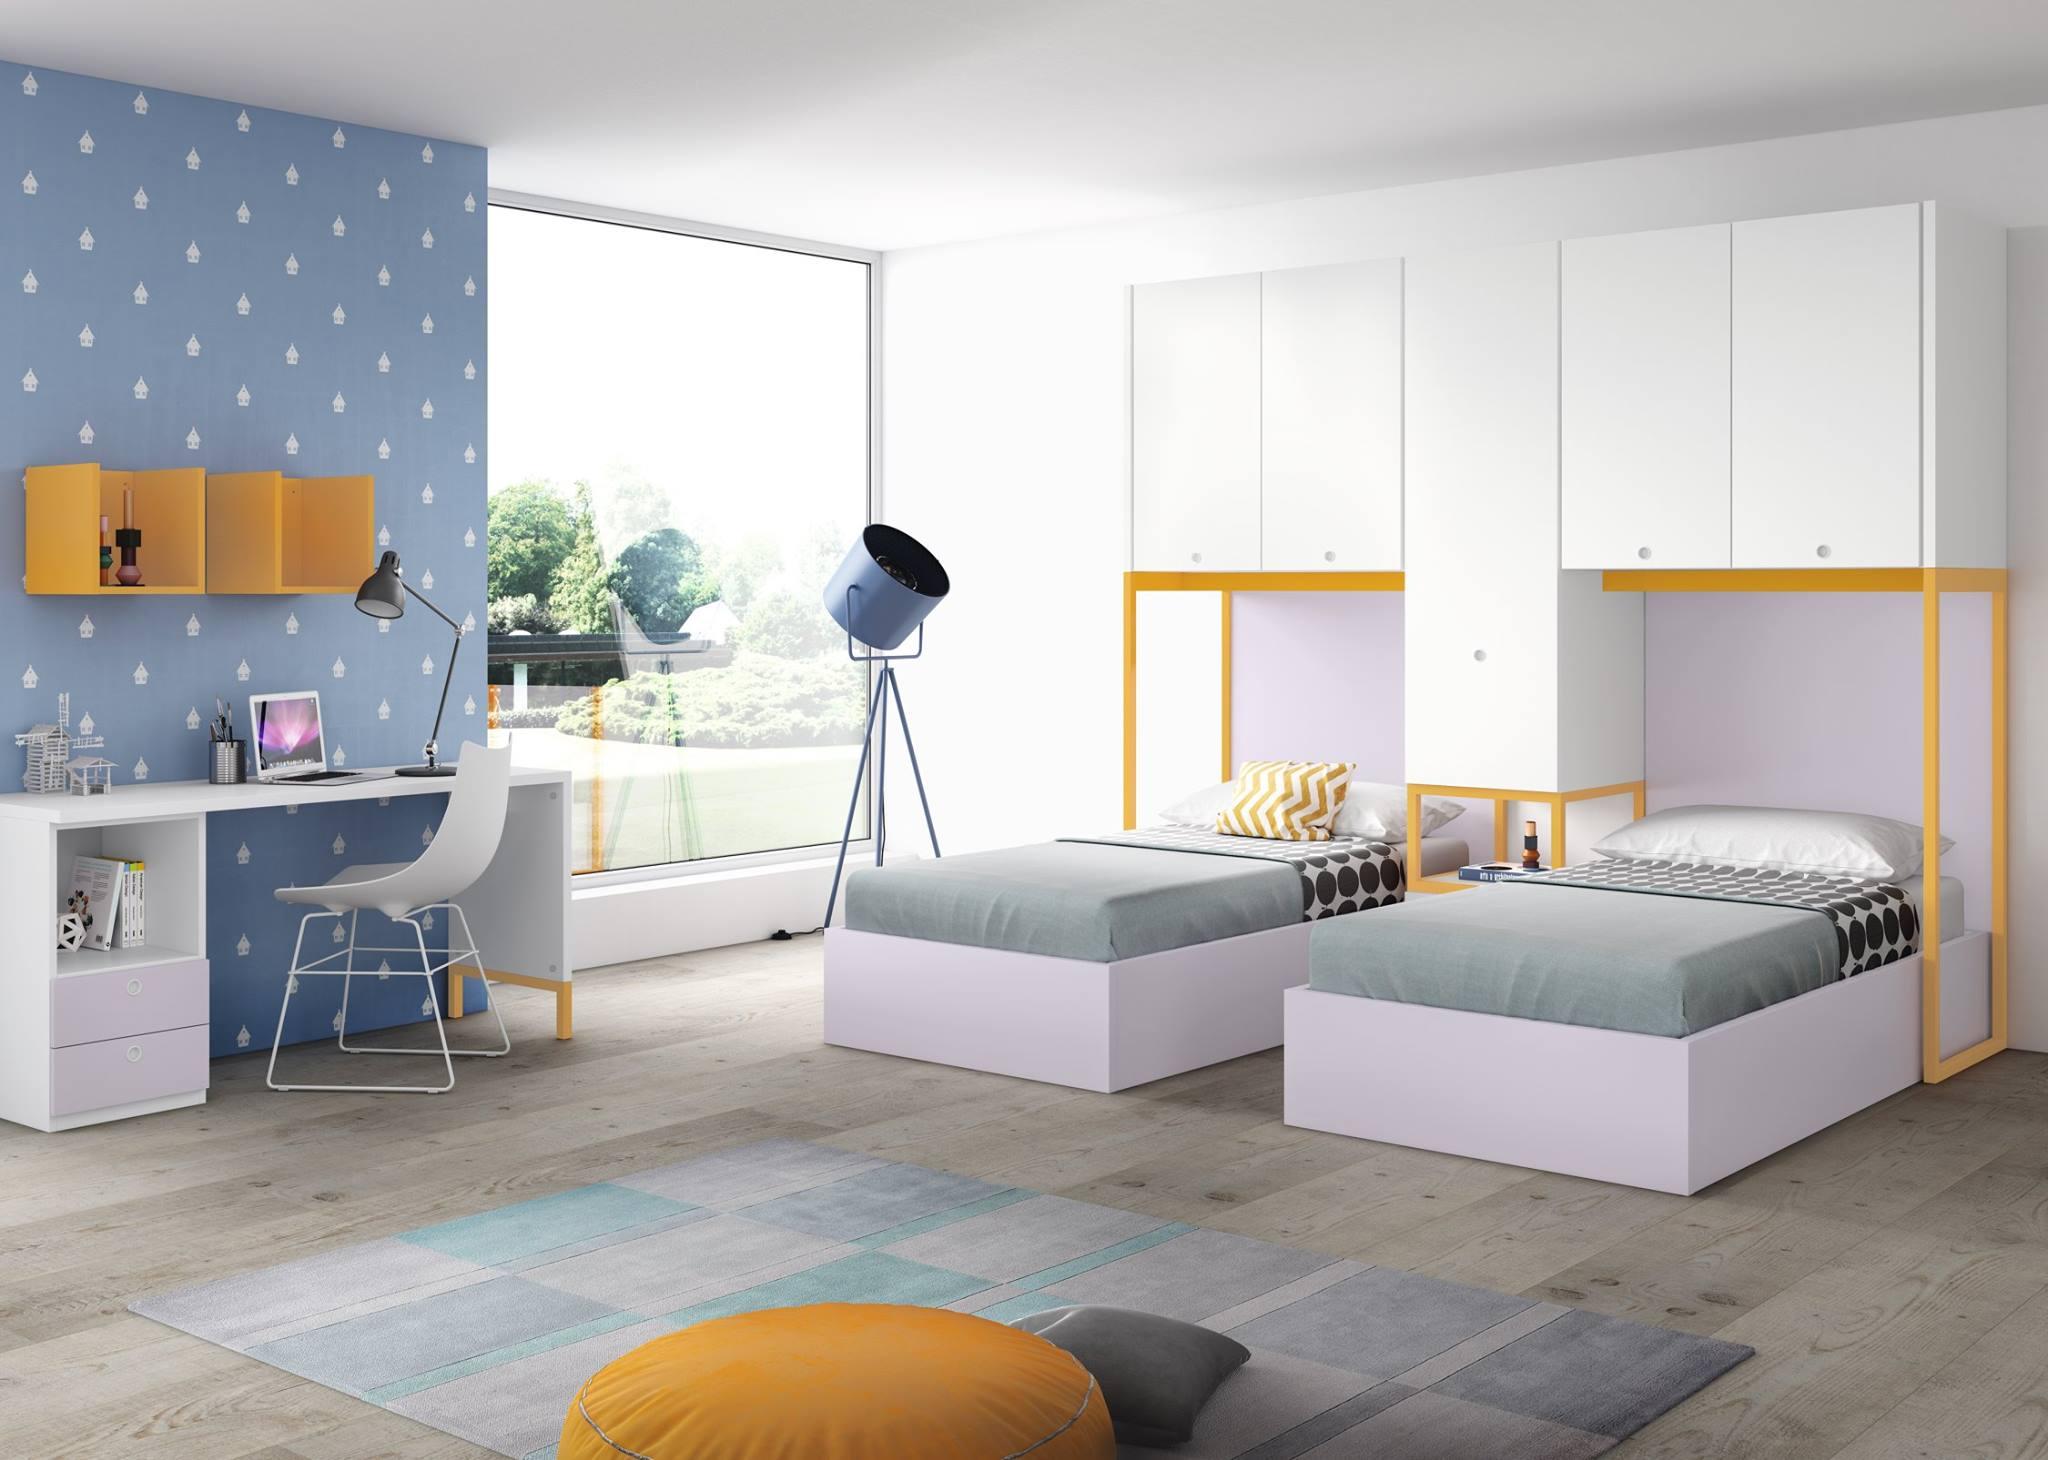 Muebles bidasoa en irun vende dormitorios de matrimonio for Muebles para dormitorios juveniles modernos